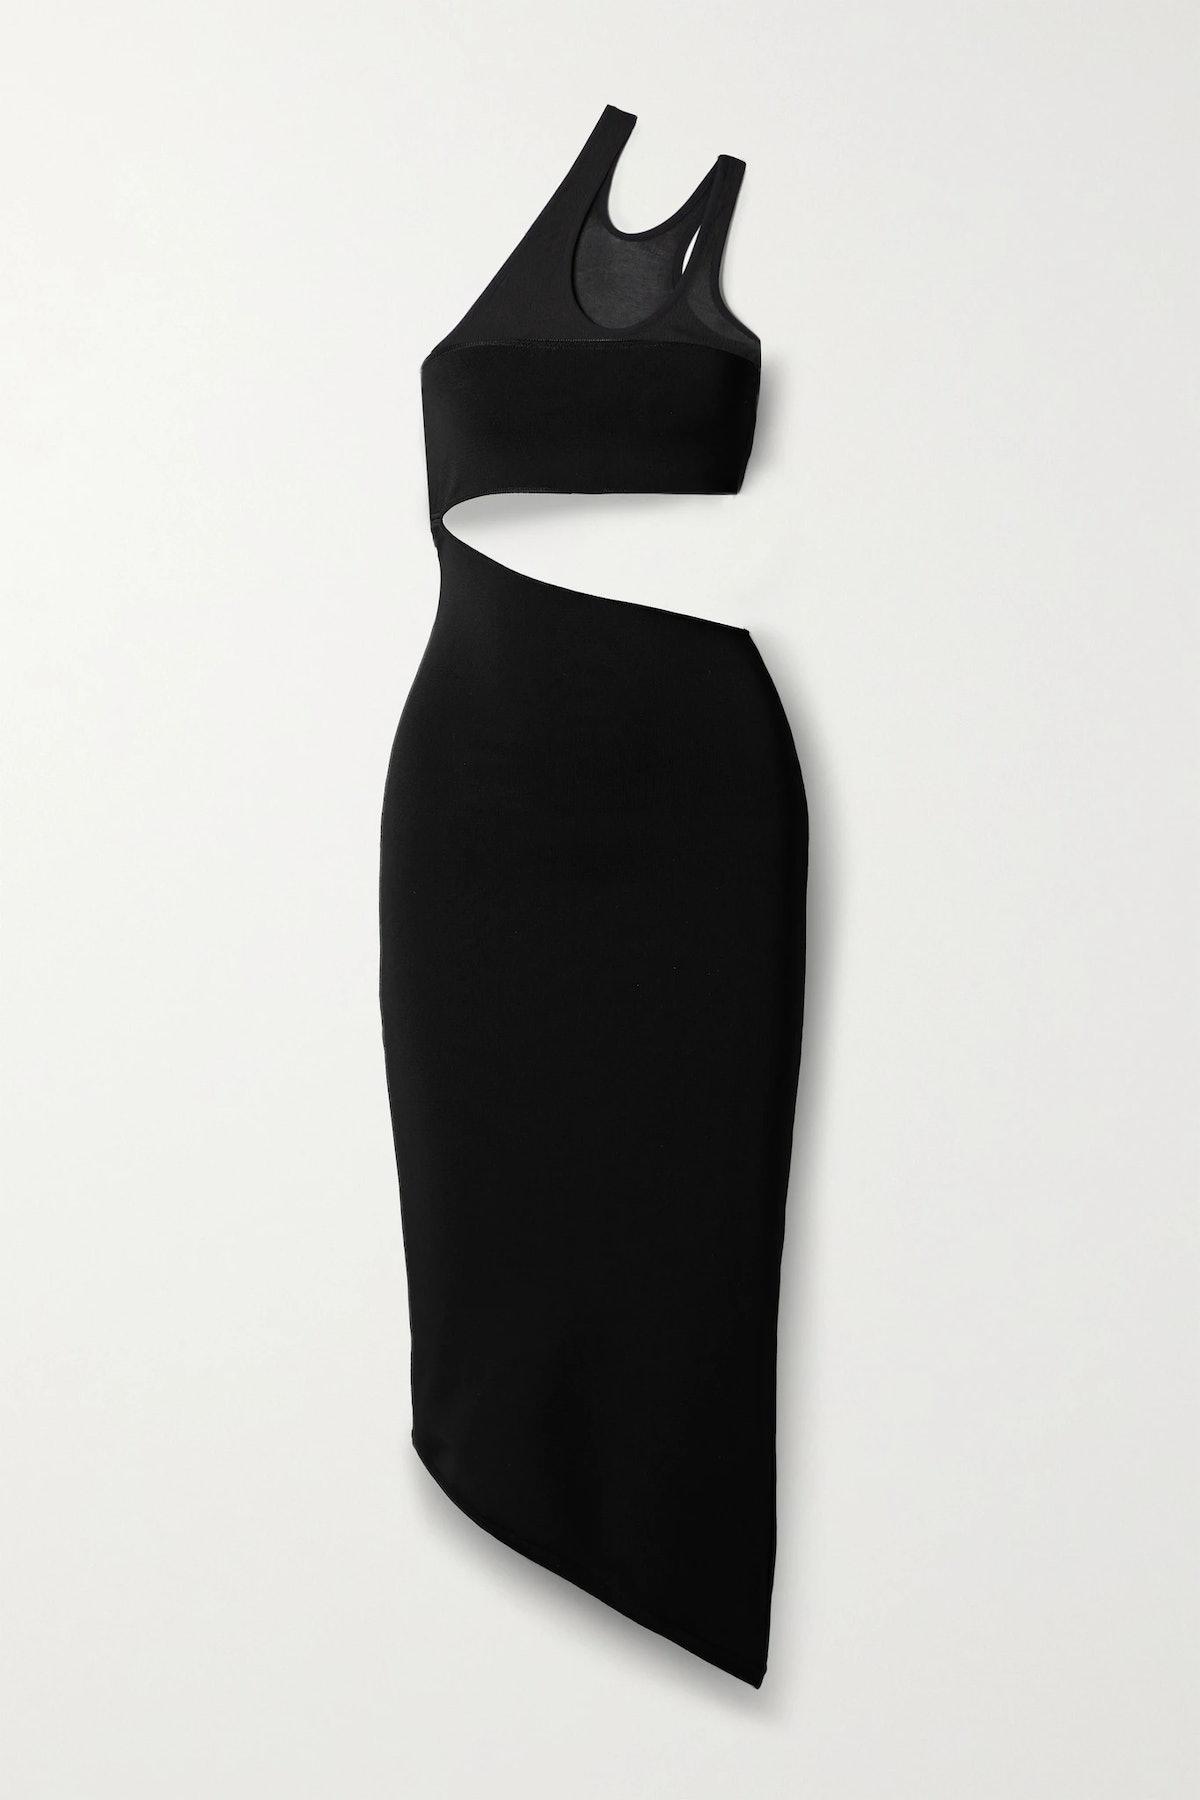 Mugler black knit cutout dress.